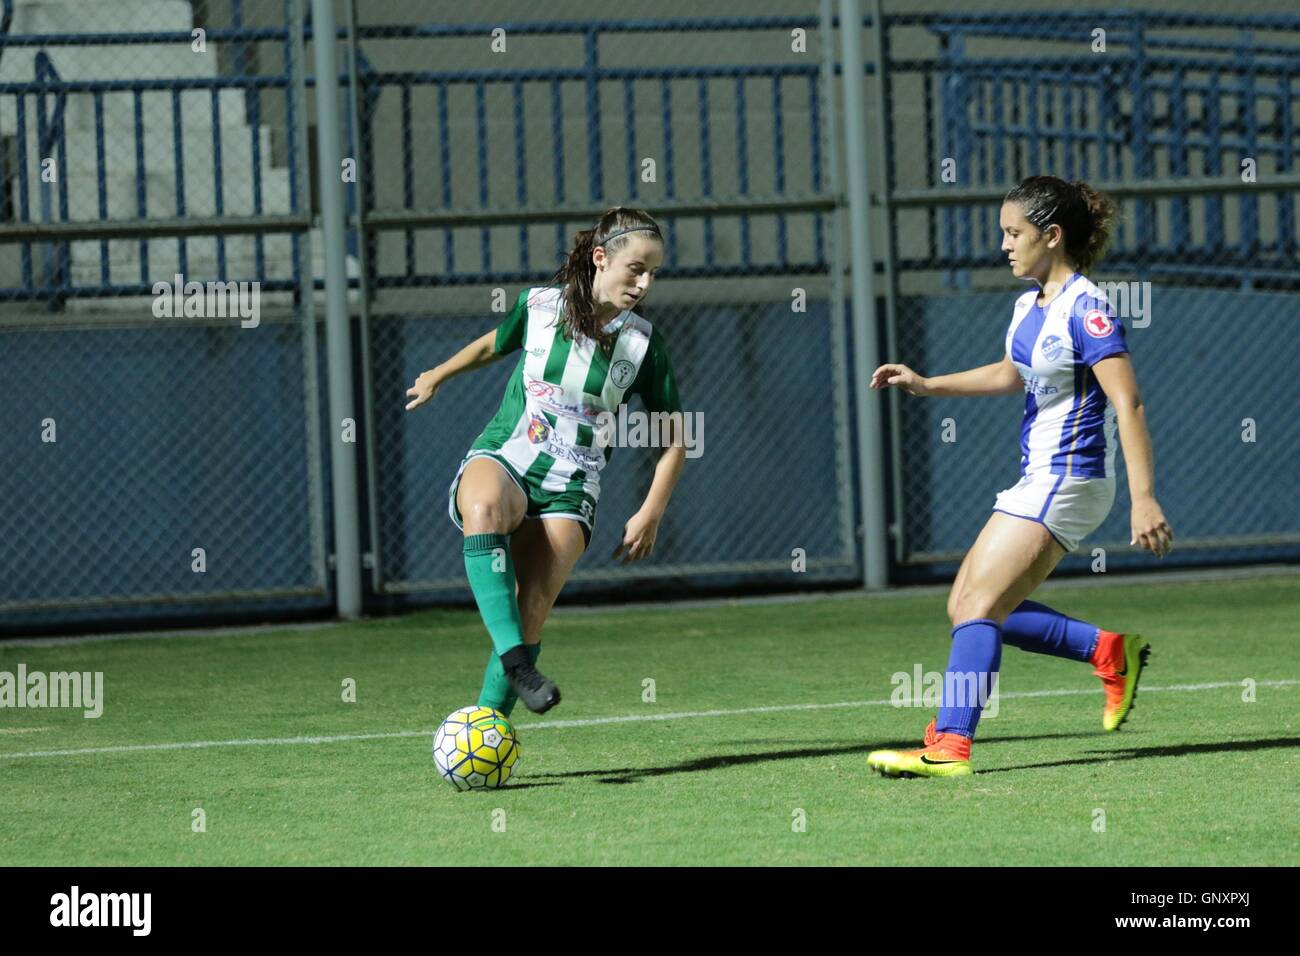 MANAUS, AM - 31.08.2016: IRANDUBA AM X SÃO RAIMUNDO RR - Laura dispute the ball with player of São Raimundo - Stock Image